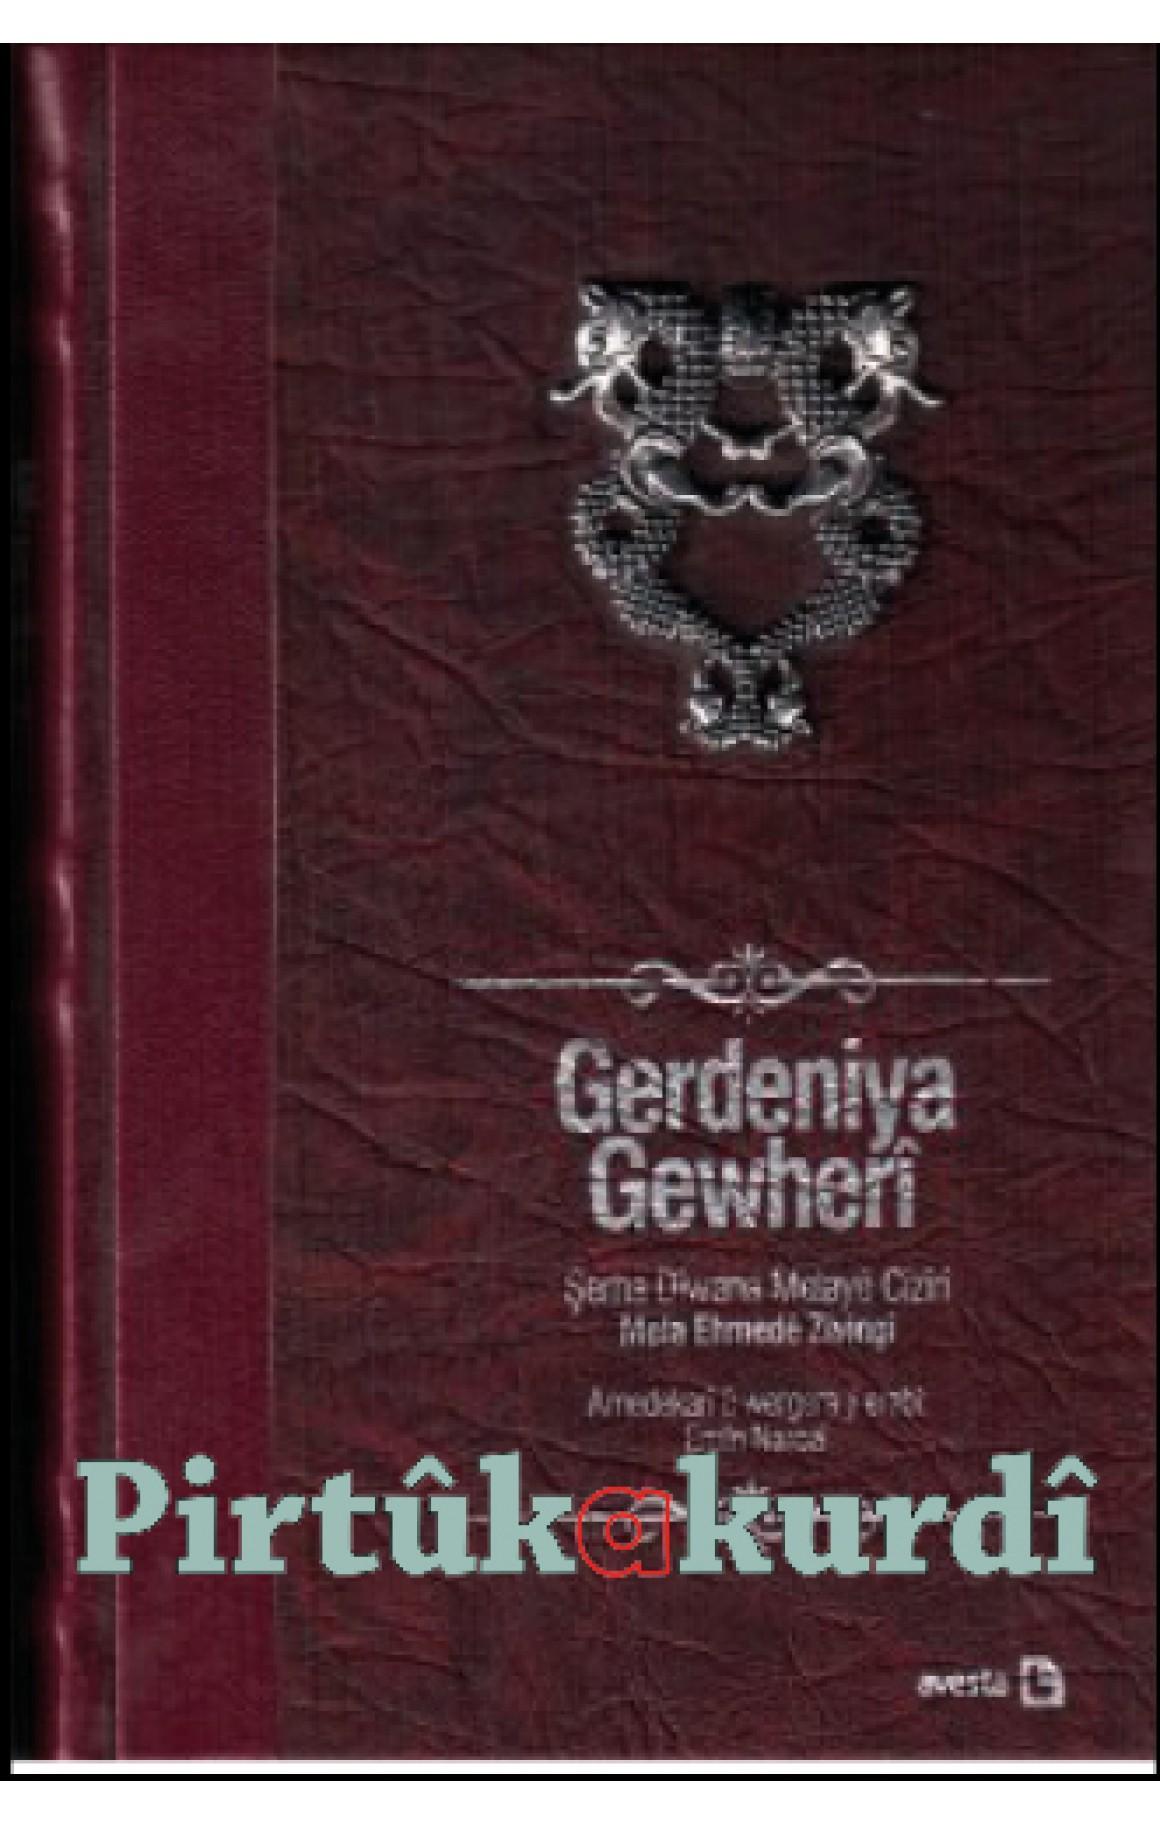 Gerdeniya Gewherî Şerha Dîwana Melayê Cizîrî (özel basım)